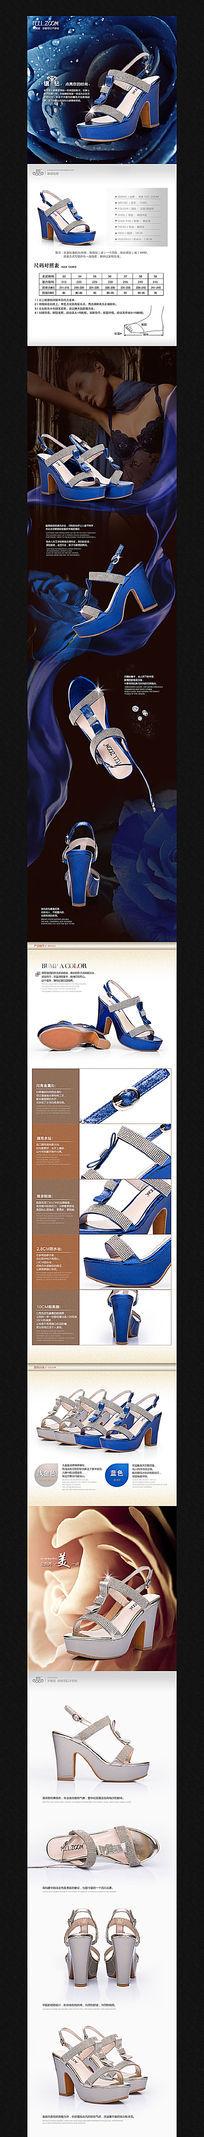 淘宝夏款高跟女鞋宝贝描述模板